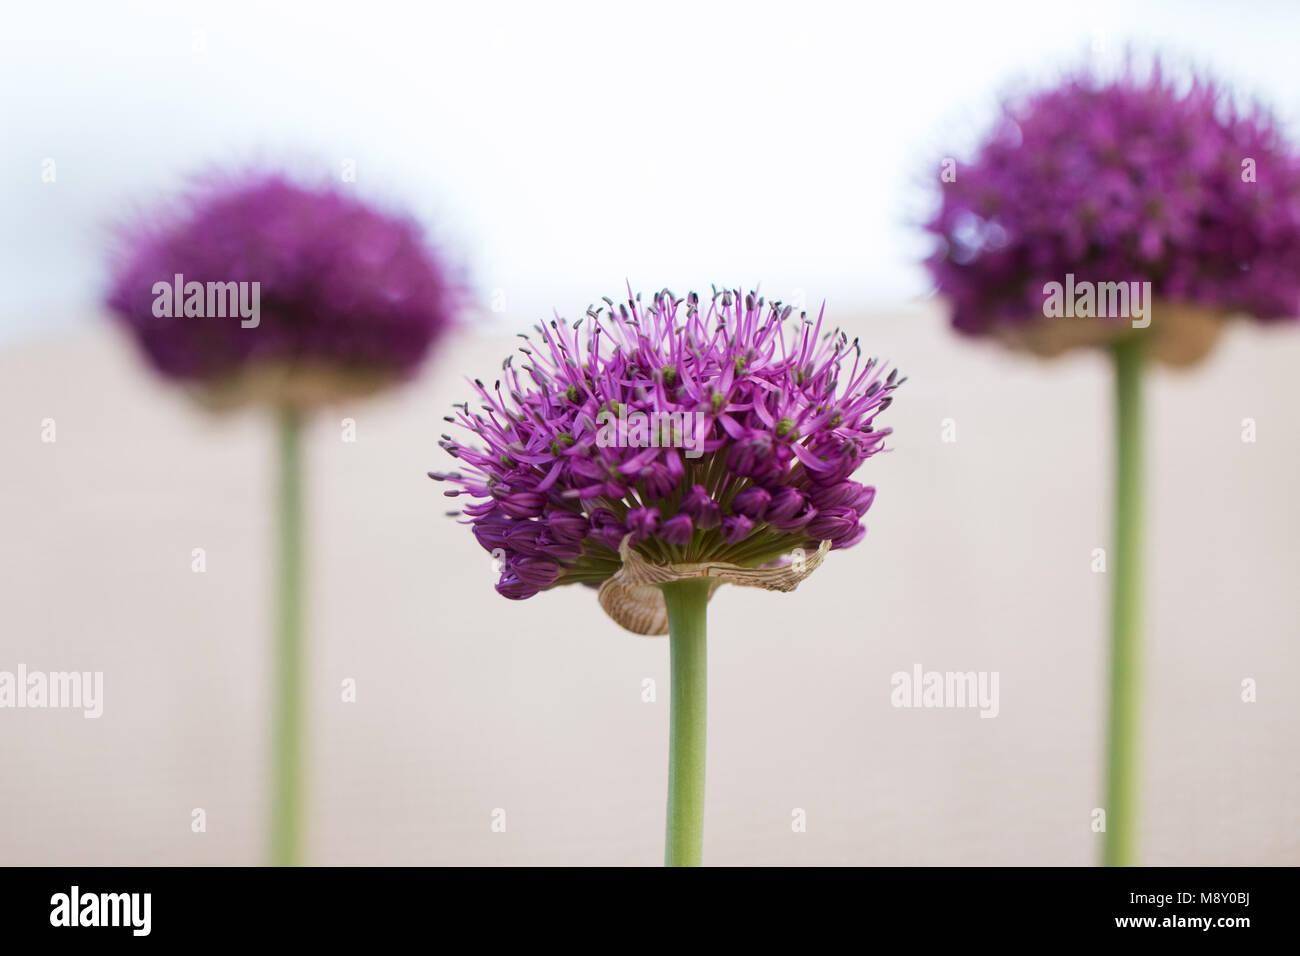 A trio of purple allium flowers (allium hollandicum) on a white background. - Stock Image